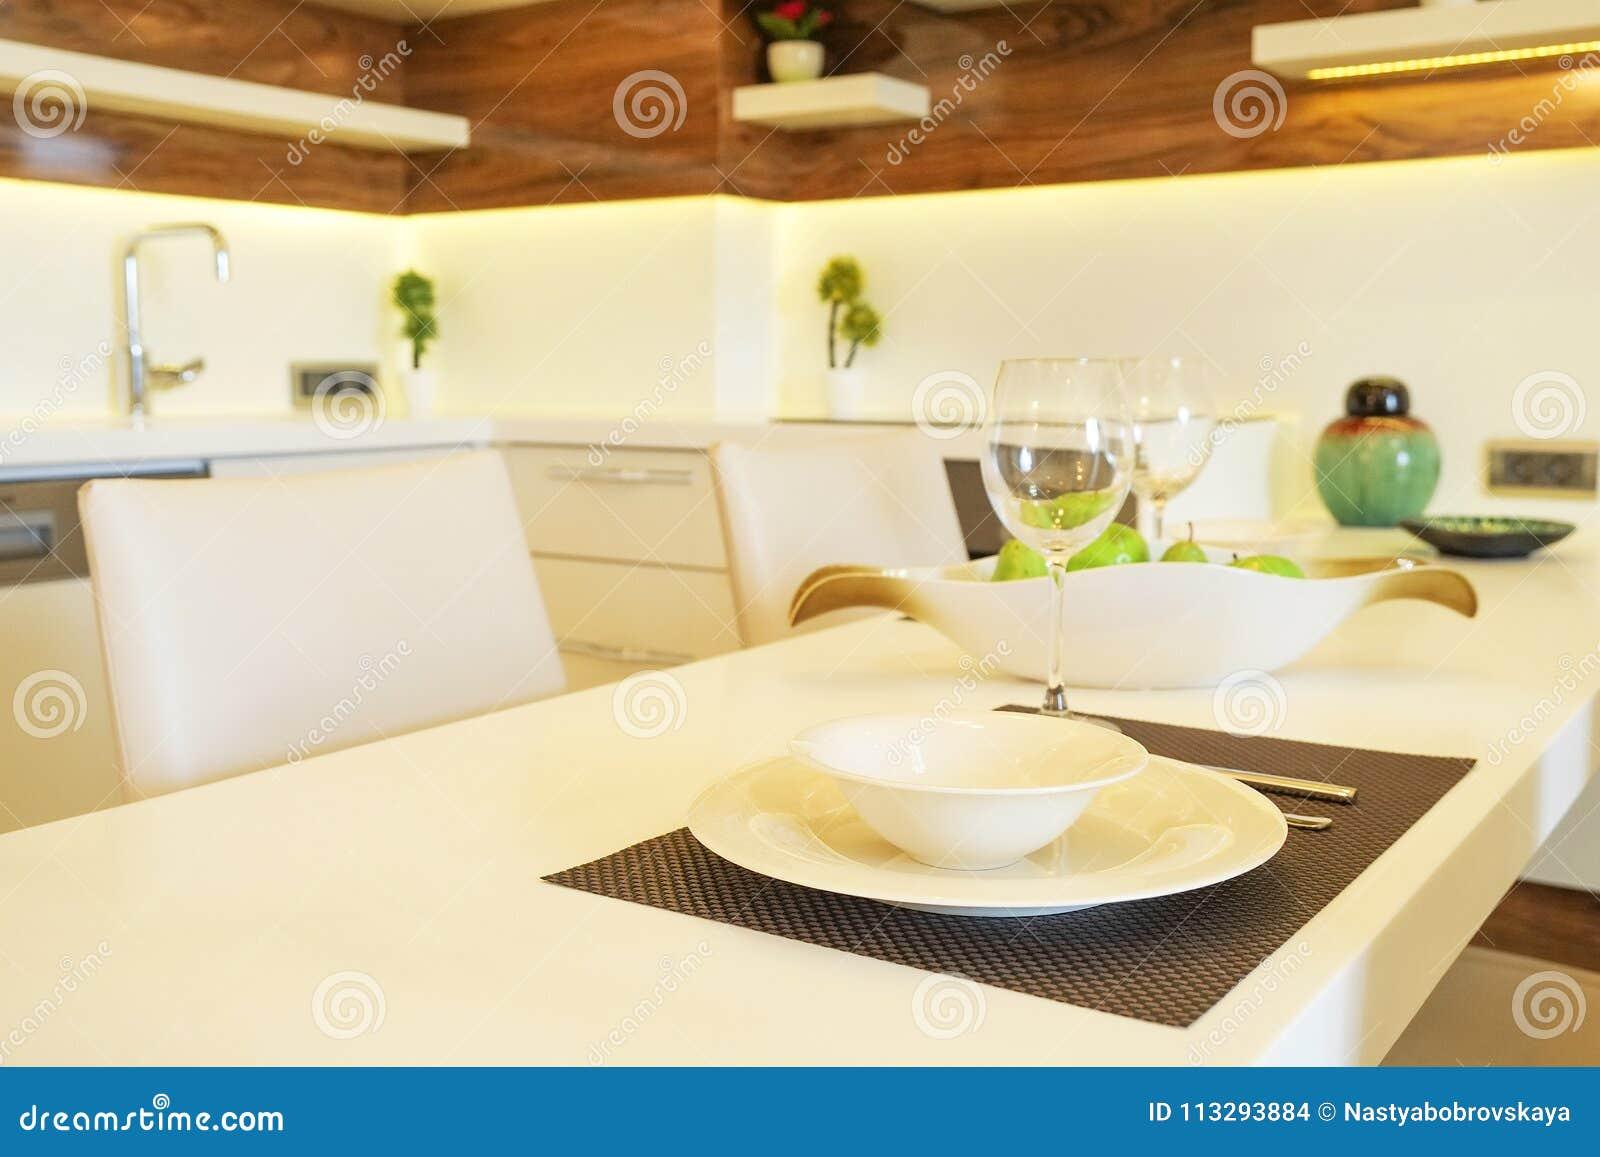 Lujoso Planes De Diseño Cocina Sala De Estar Embellecimiento - Ideas ...